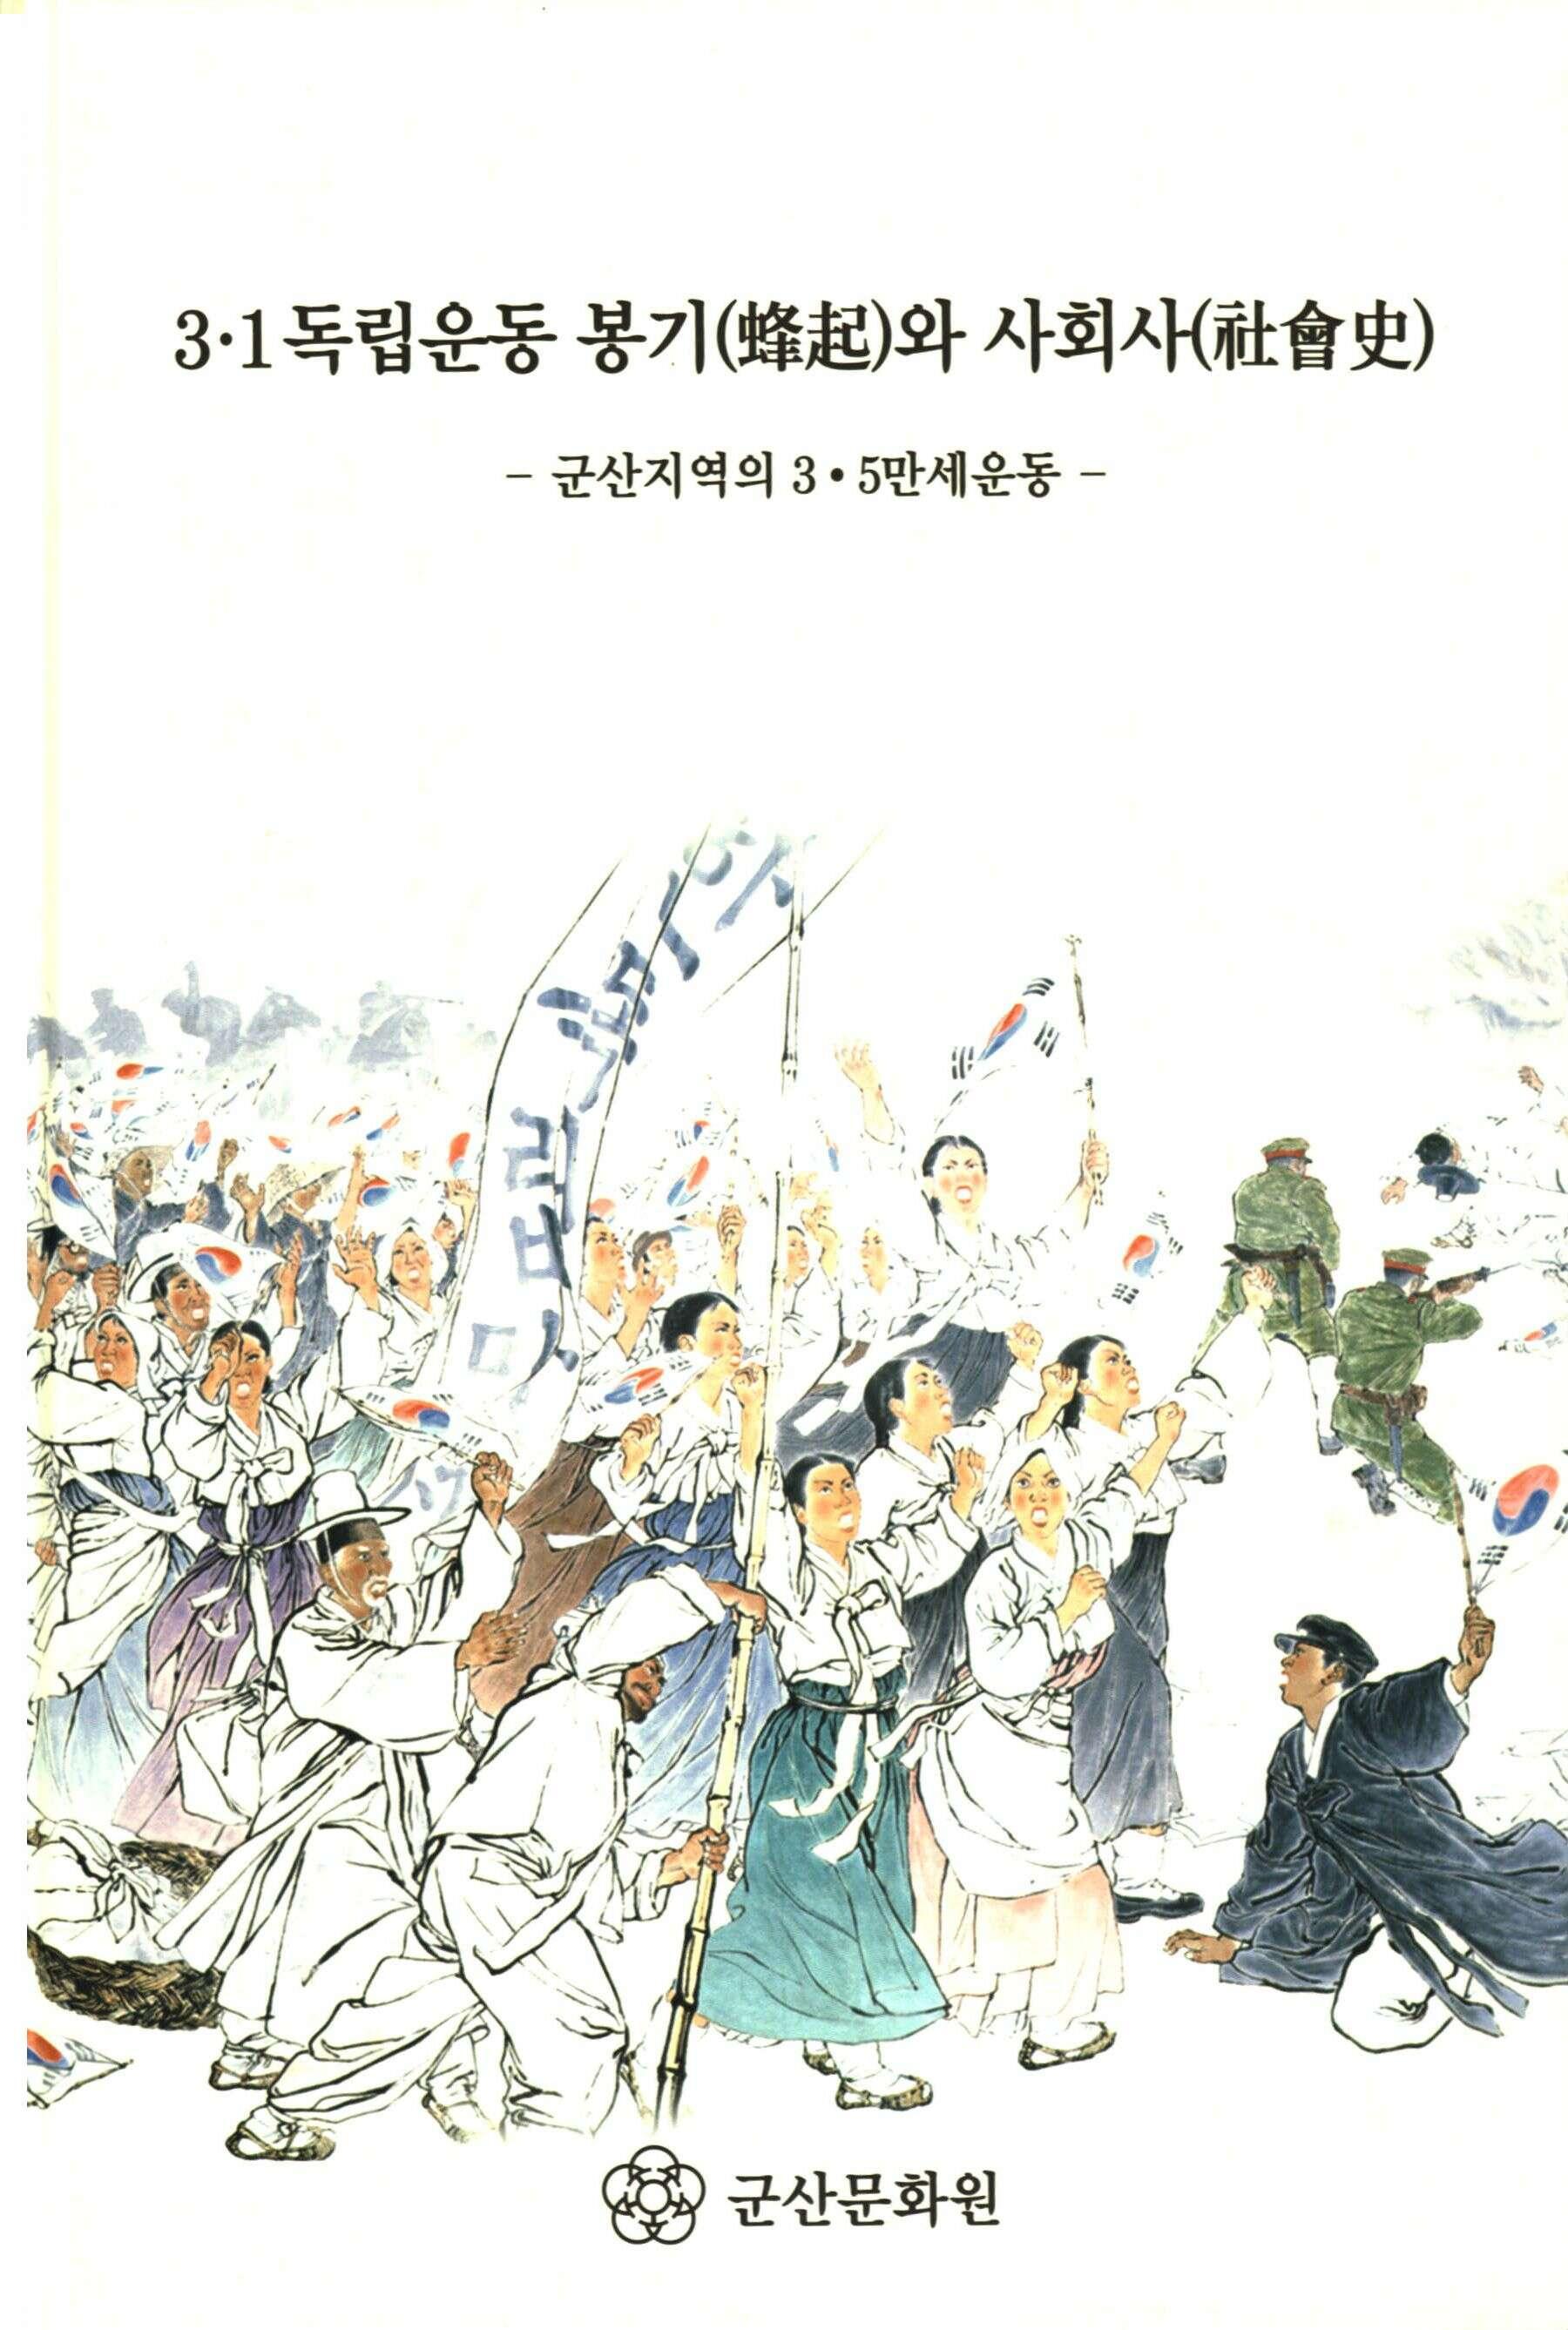 3·1독립운동 봉기(蜂起)와 사회사(社會史)